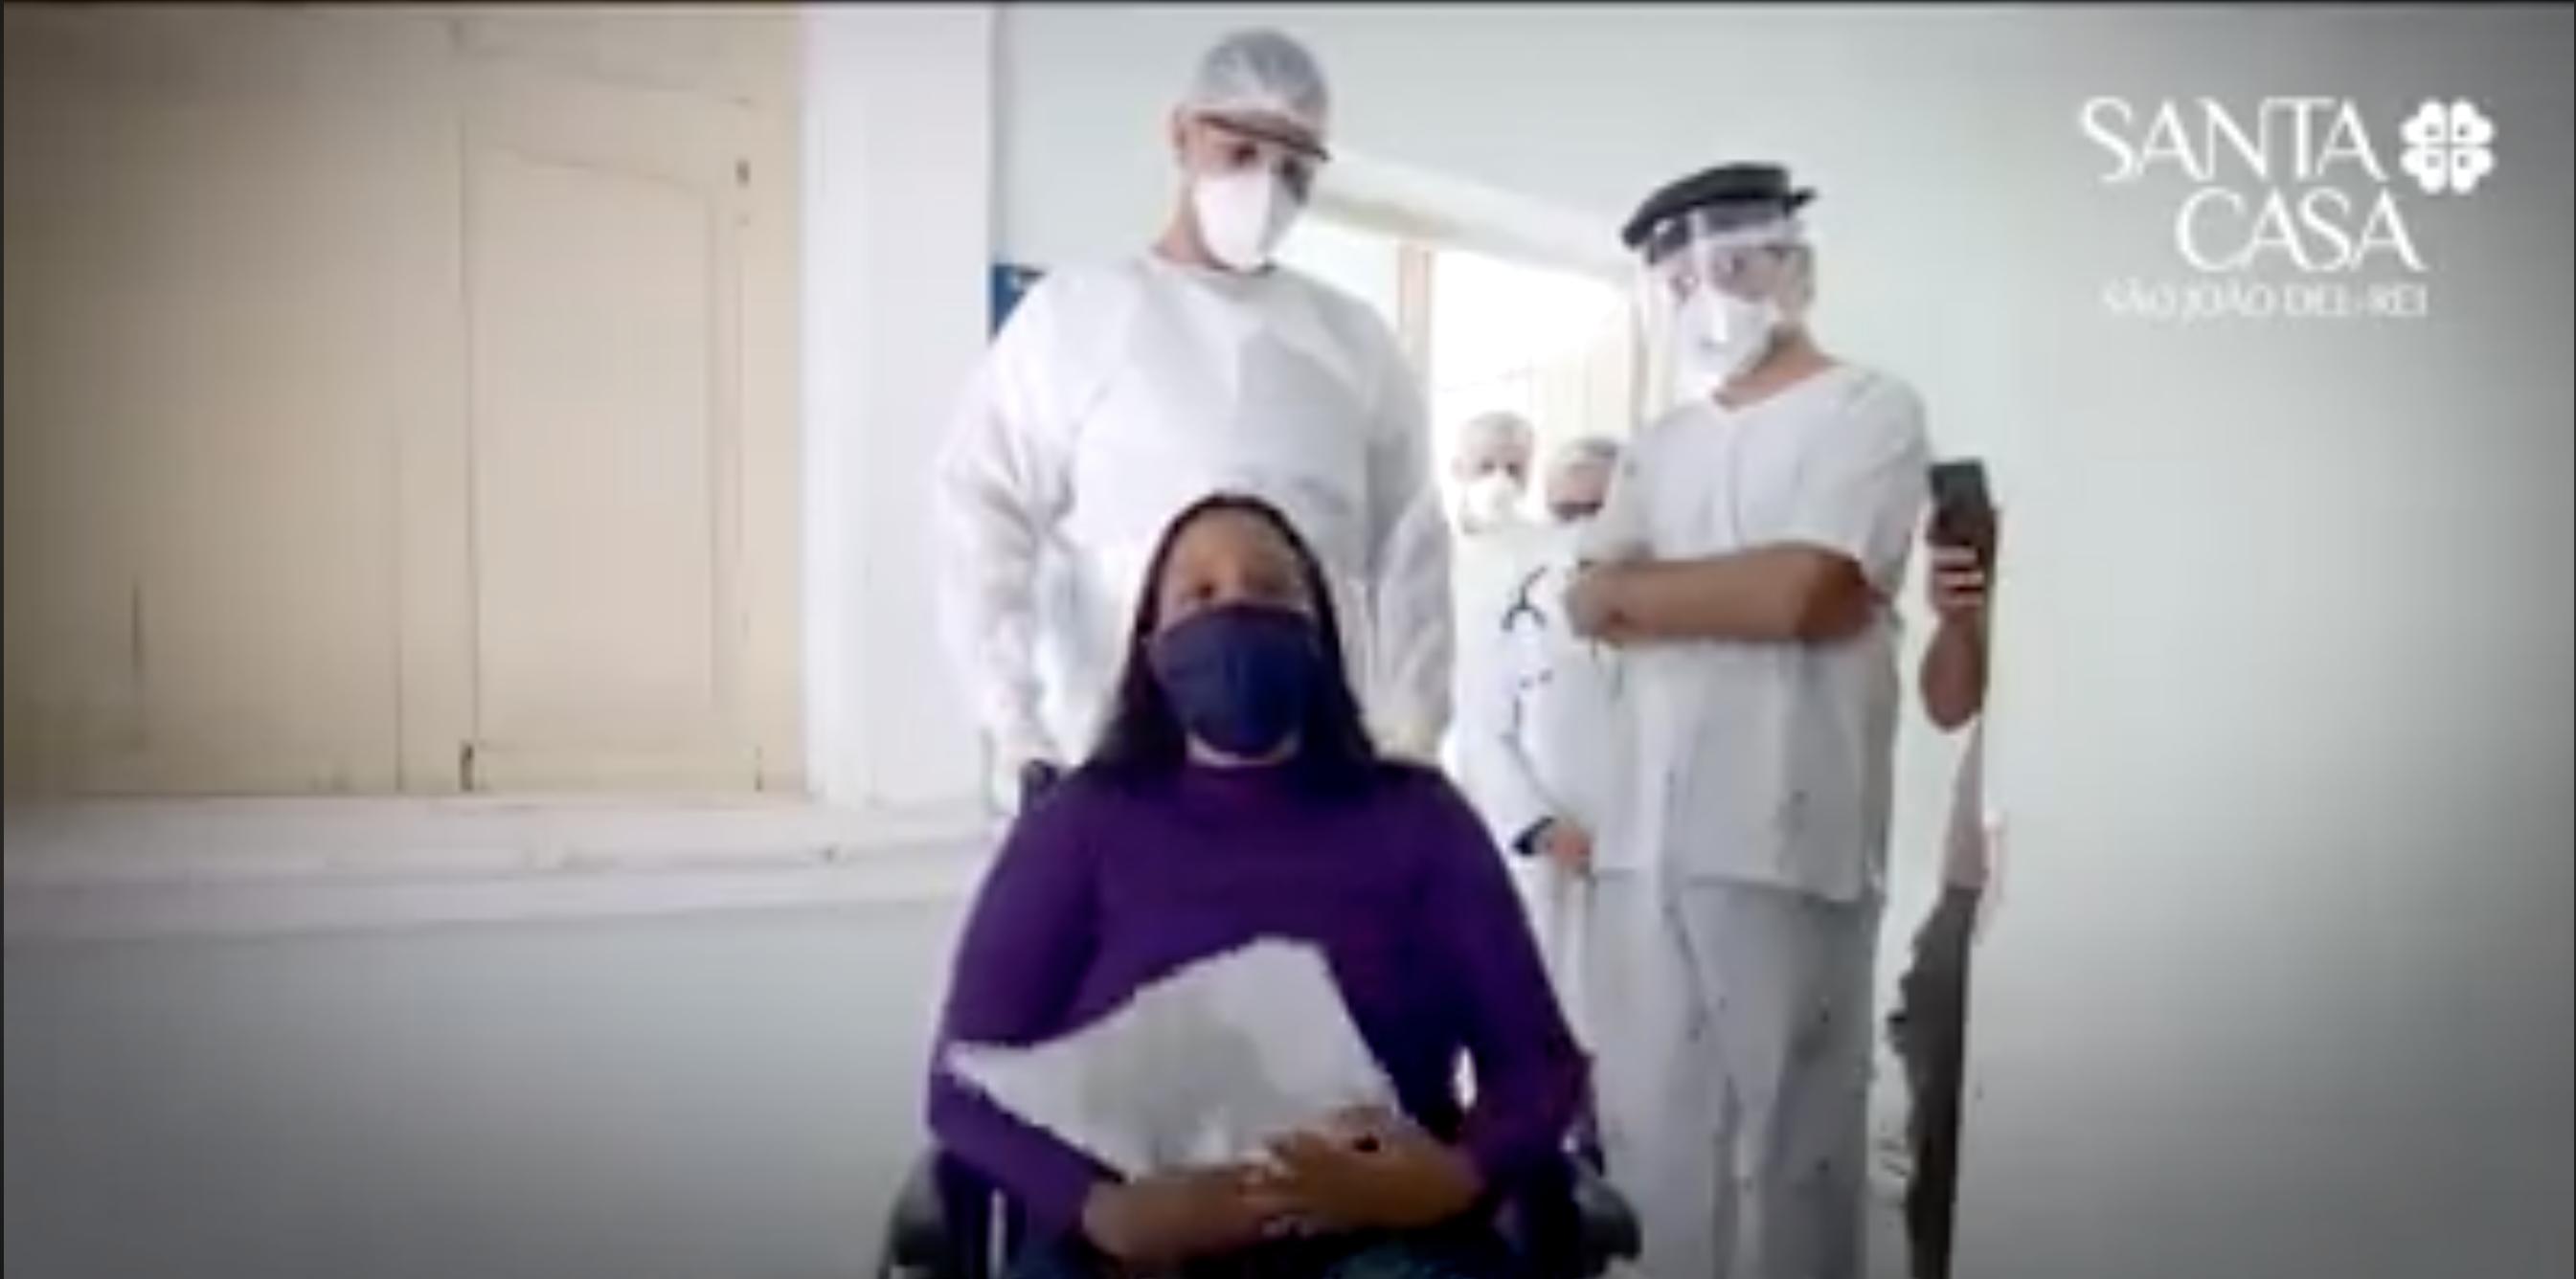 São João del-Rei: Paciente em estado grave da COVID-19 se recupera e emociona em vídeo divulgado pela internet